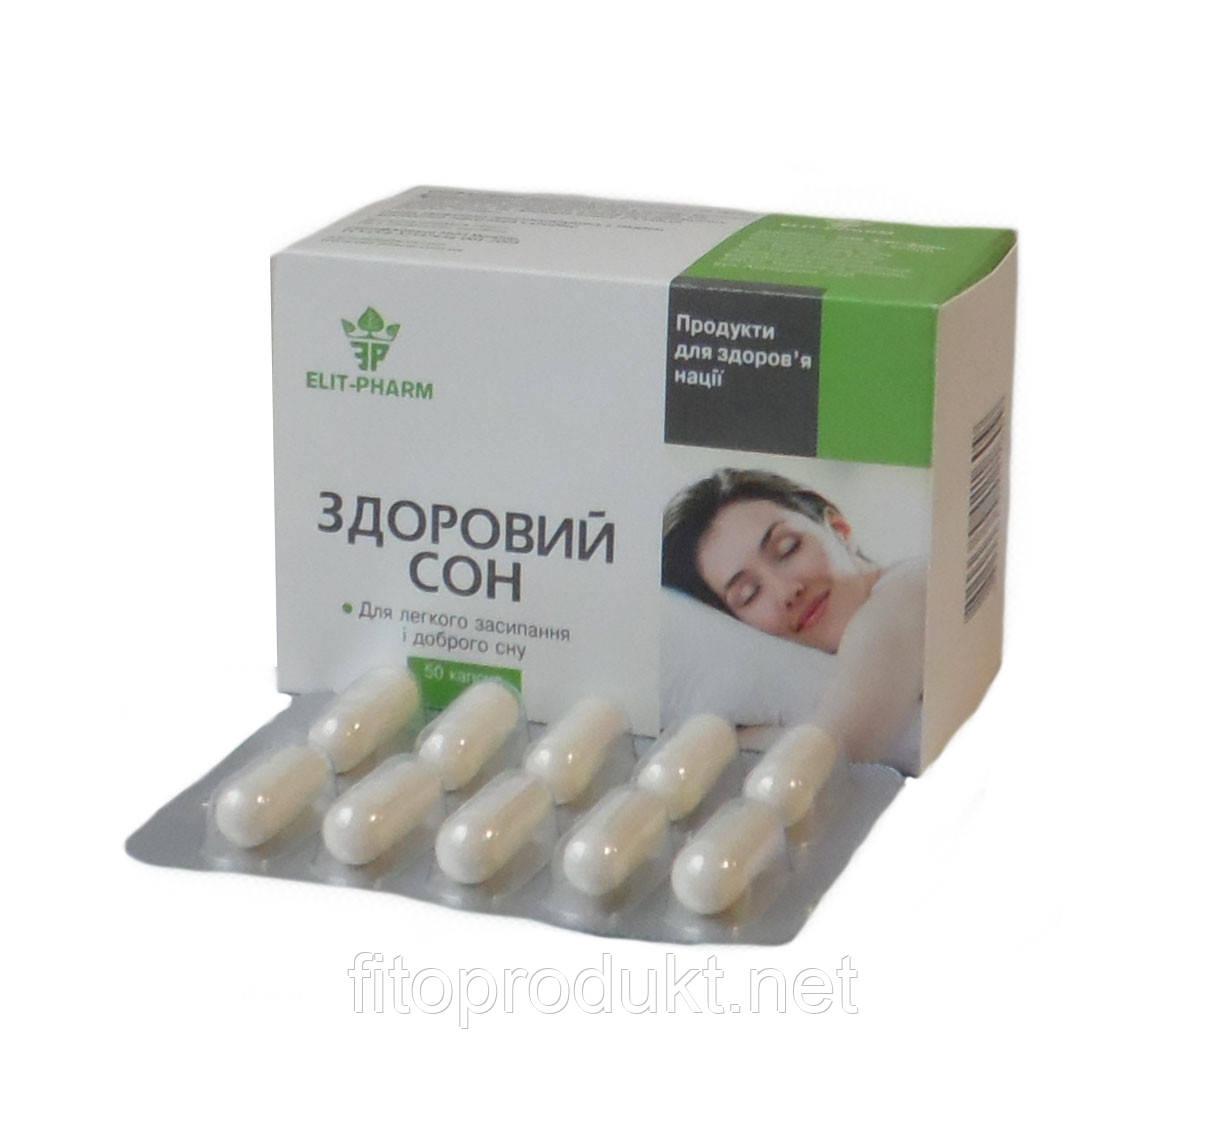 Здоровый сон средство от бессонницы 50 капсул Элит фарм